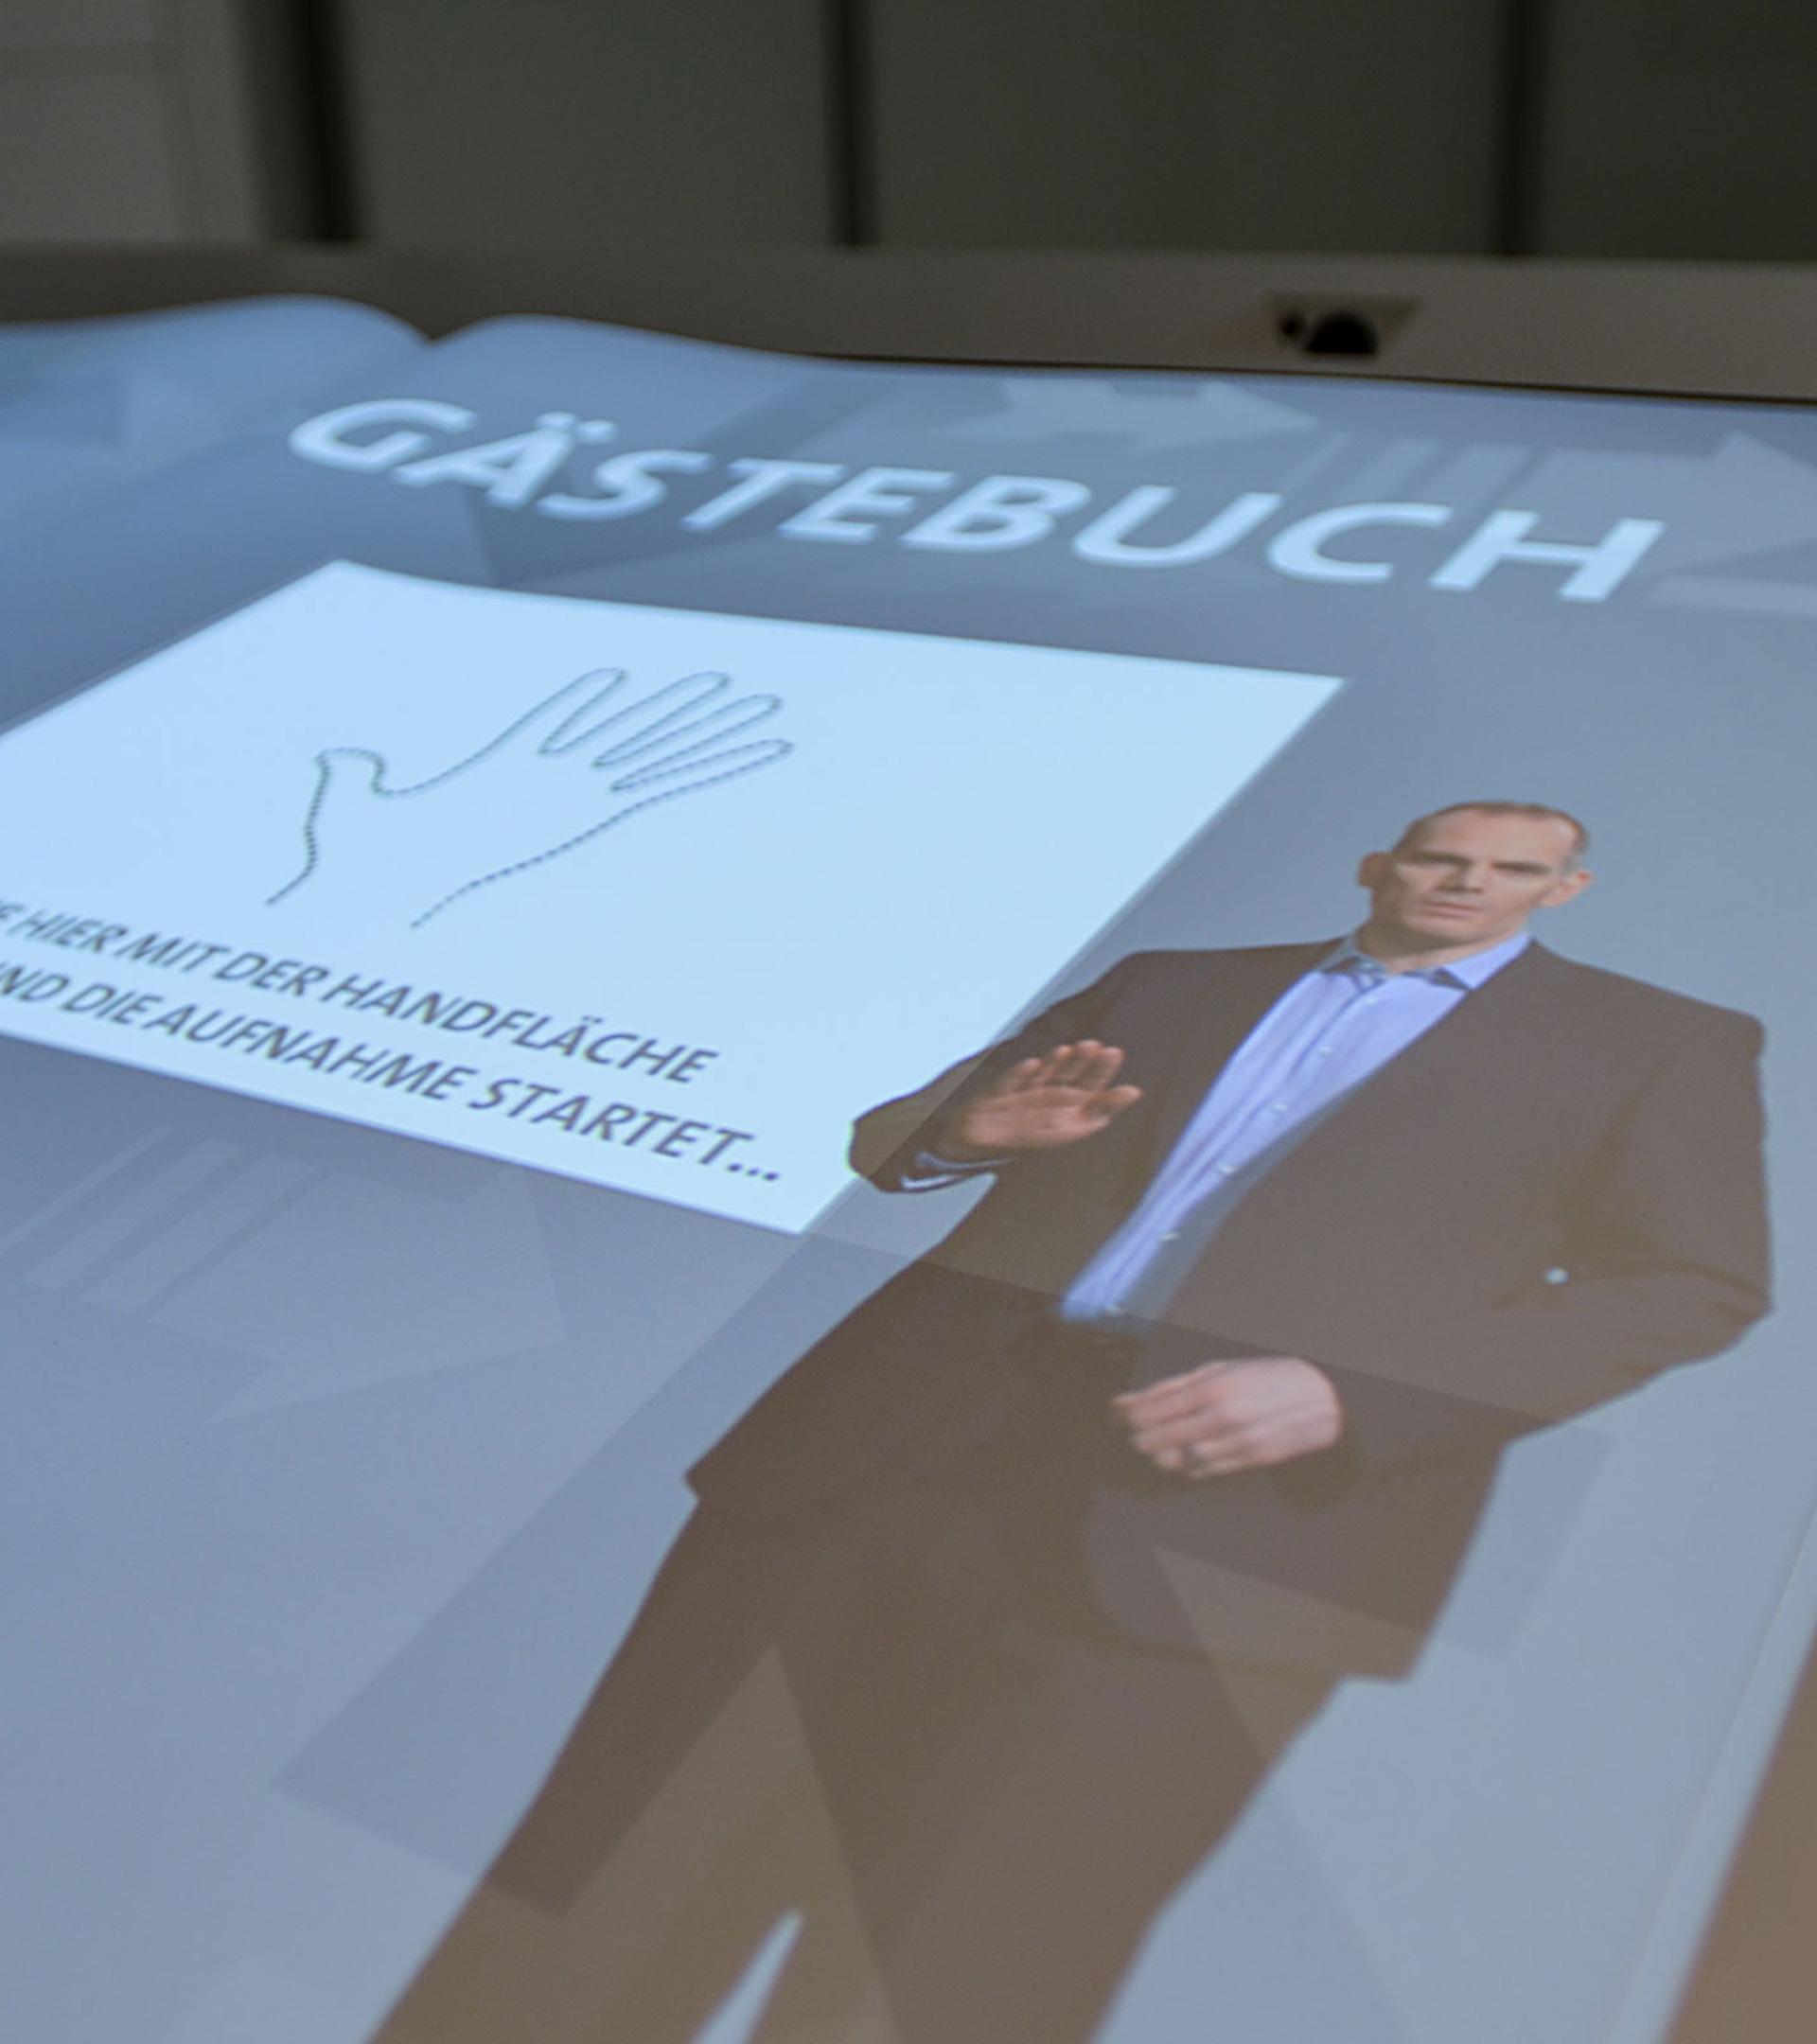 Volkswagen_Gaestebuch_Interaktivitaet